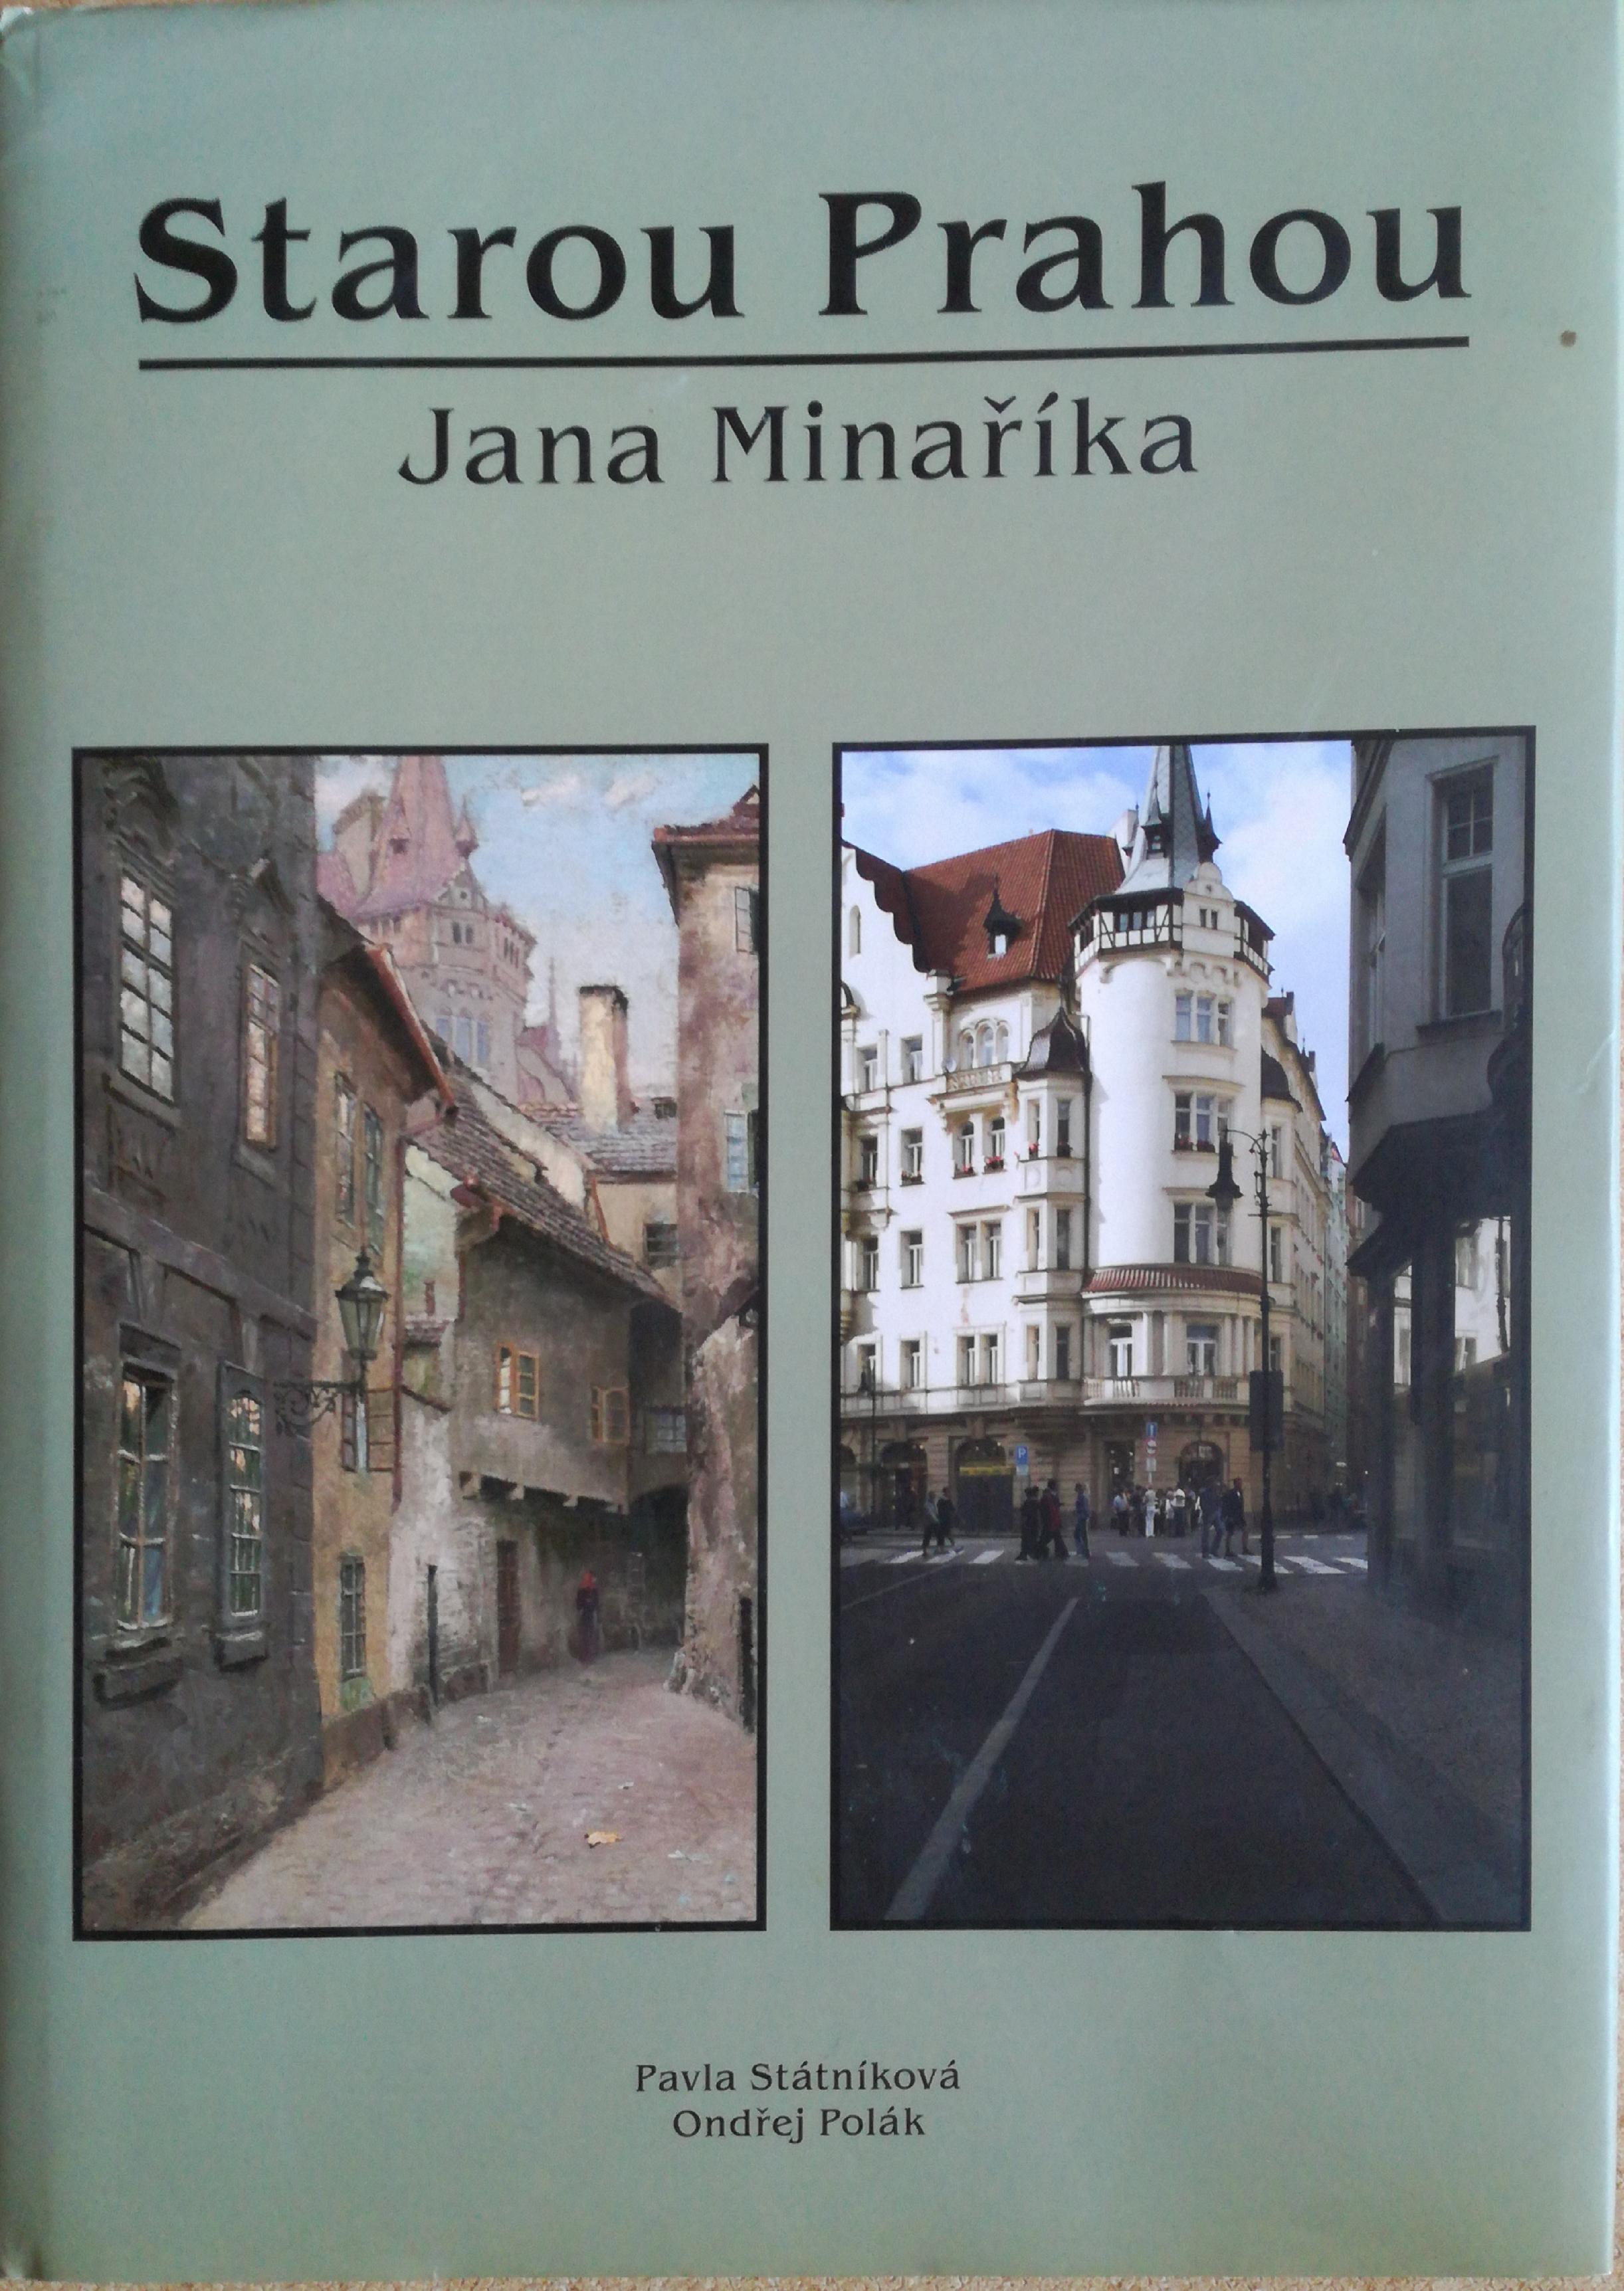 Starou Prahou Jana Minaříka - Pavla Státníková